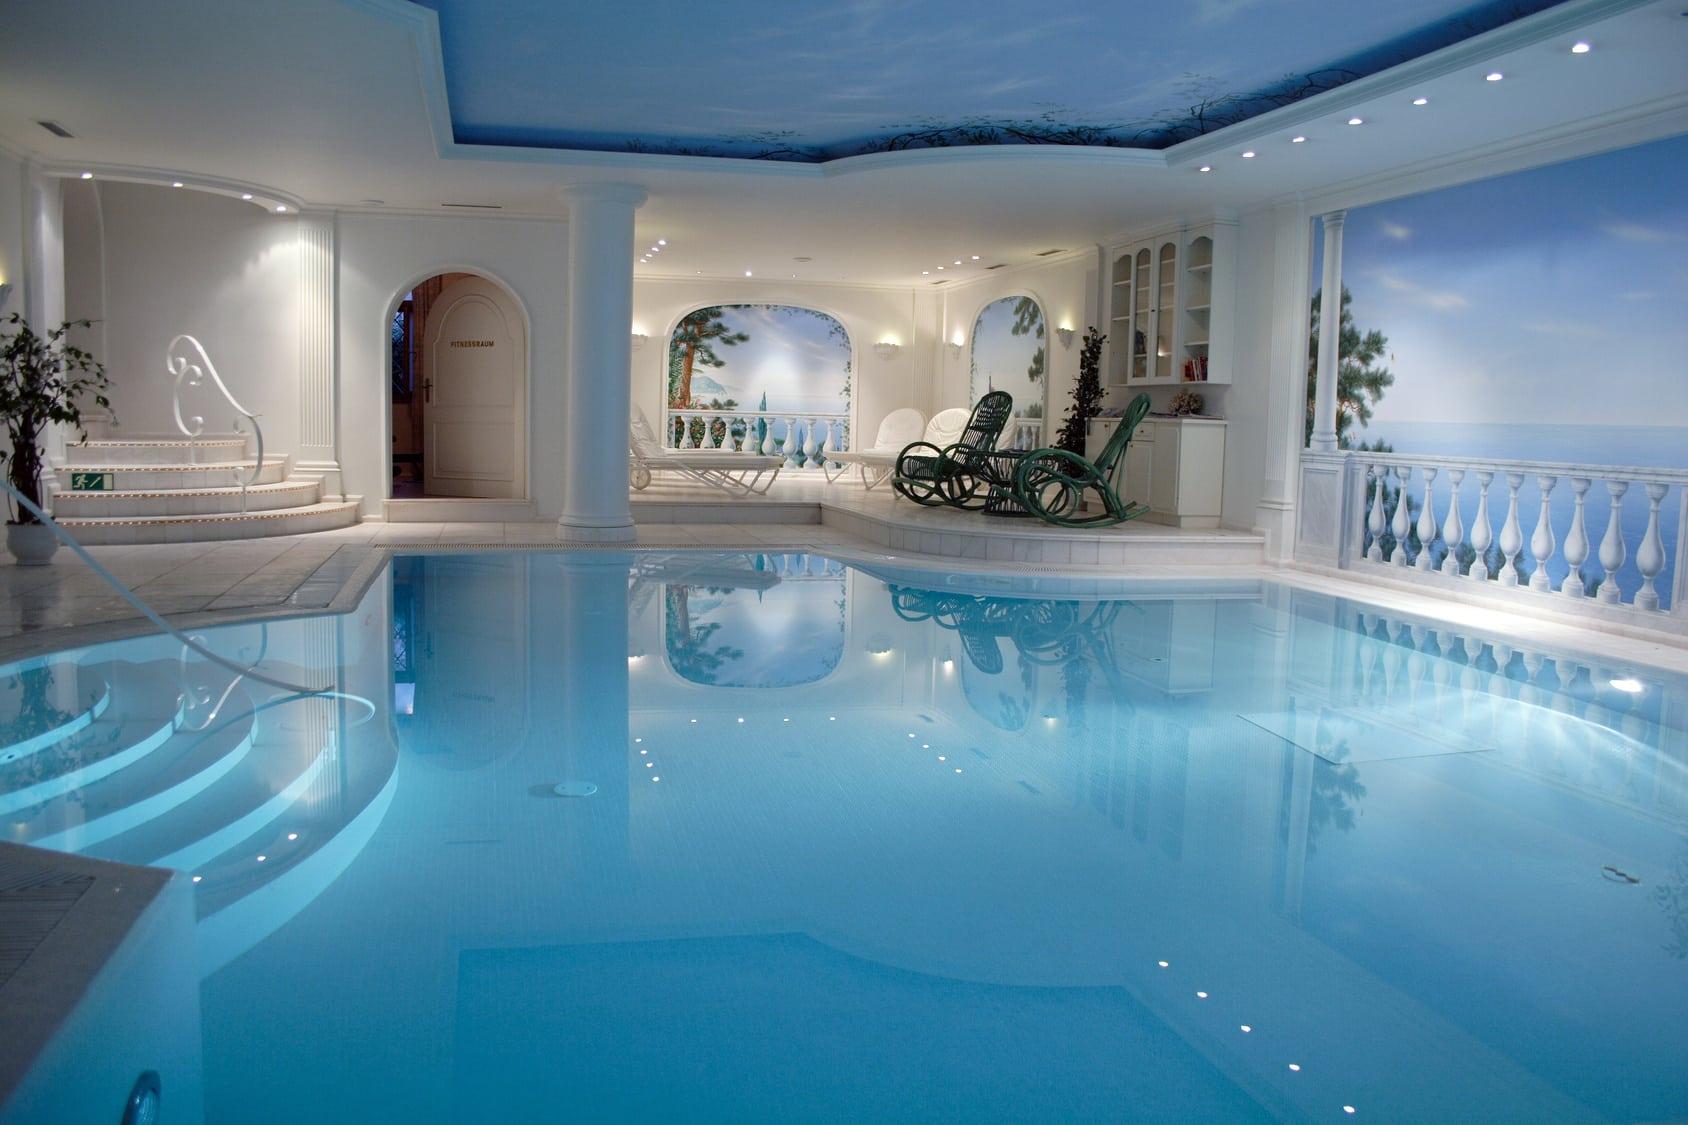 Quel syst me de chauffage de piscine choisir le comparatif for Les plus belles deco interieur